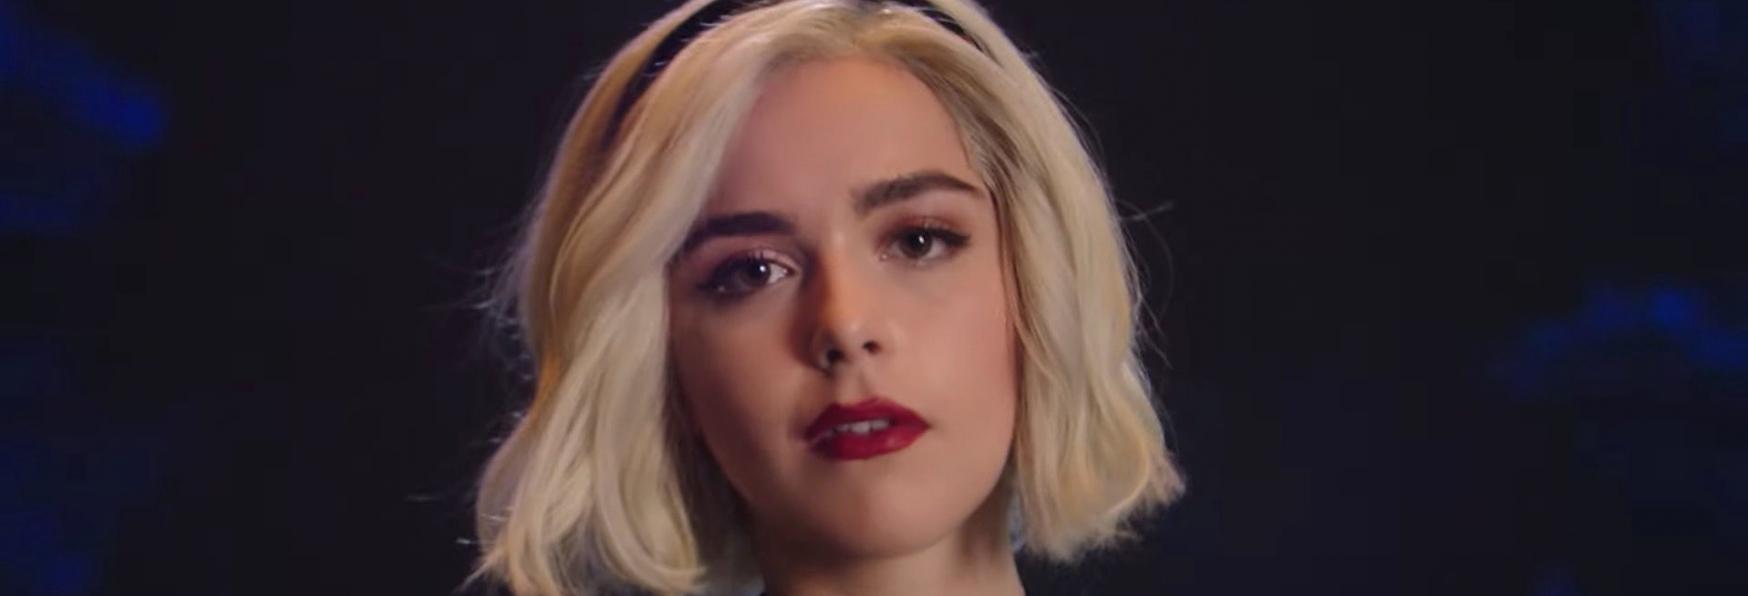 Le Terrificanti Avventure di Sabrina: lo Showrunner spera nel Ritorno della Serie TV Adattamento